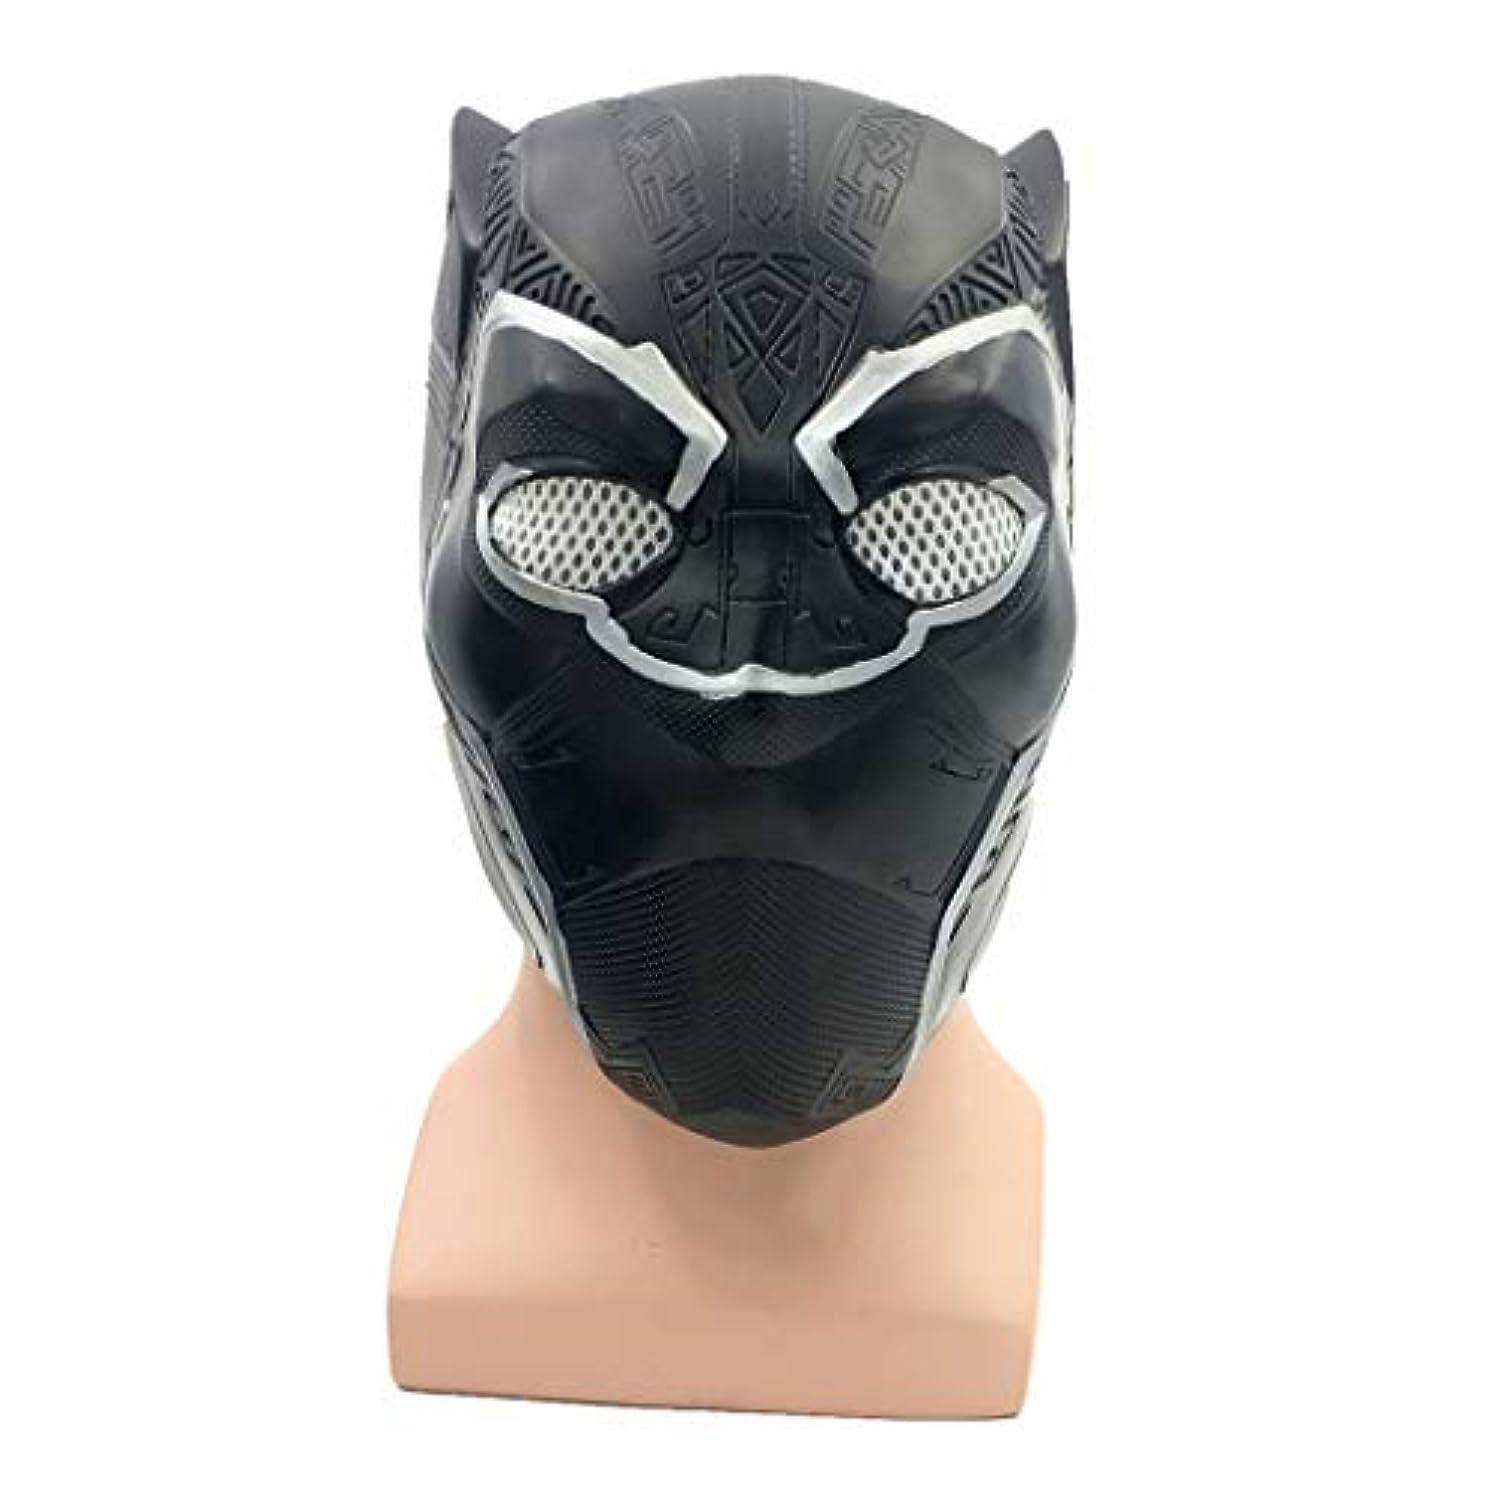 チャンピオンクラックポット原点パンサーマスク新しいCosマーベルヒーローズキャプテンアメリカ3映画南北戦争ハロウィーン